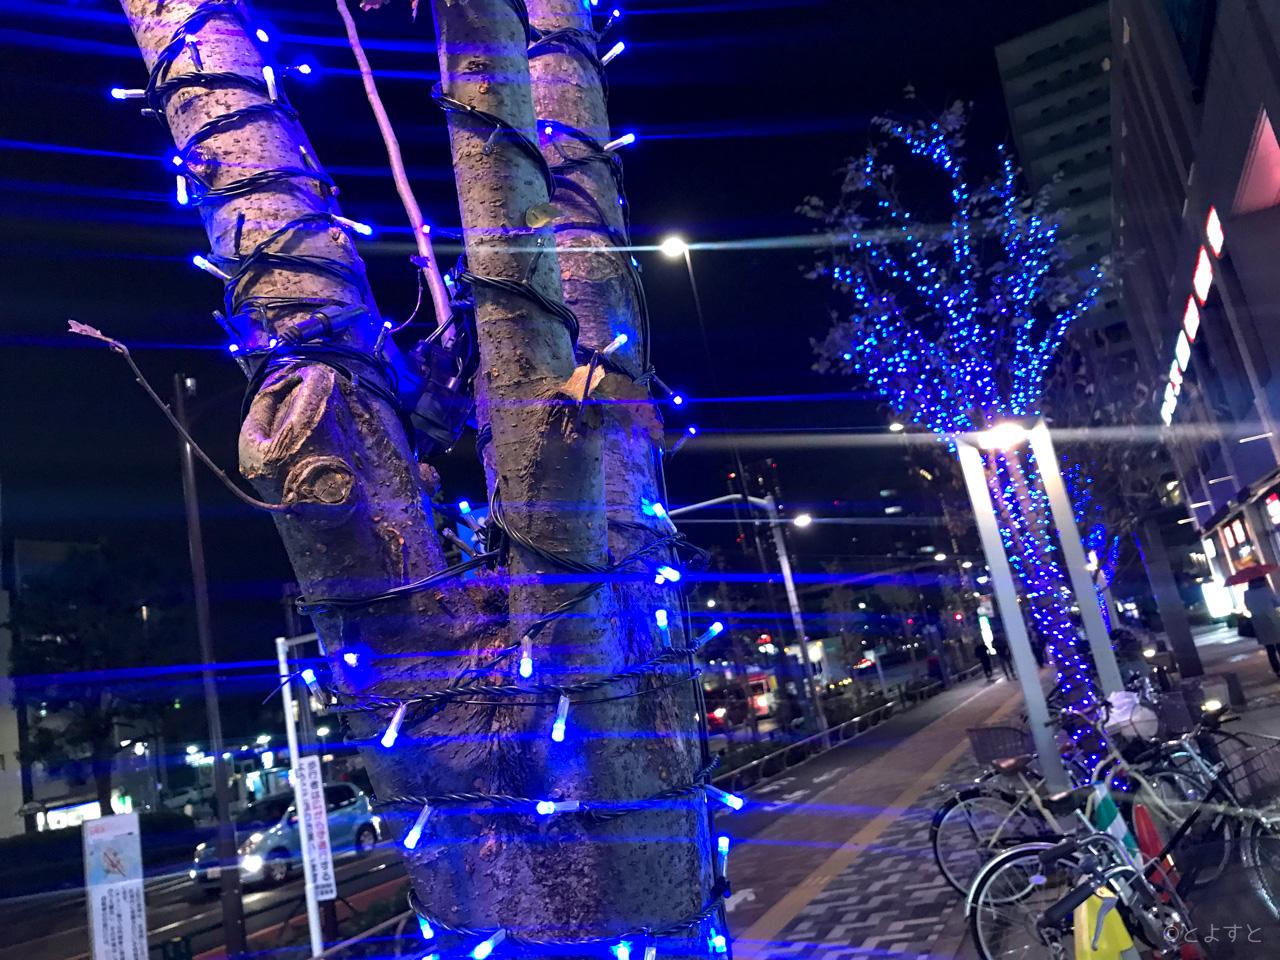 豊洲、クリスマスイルミネーションが続々と点灯スタート(2017年版)